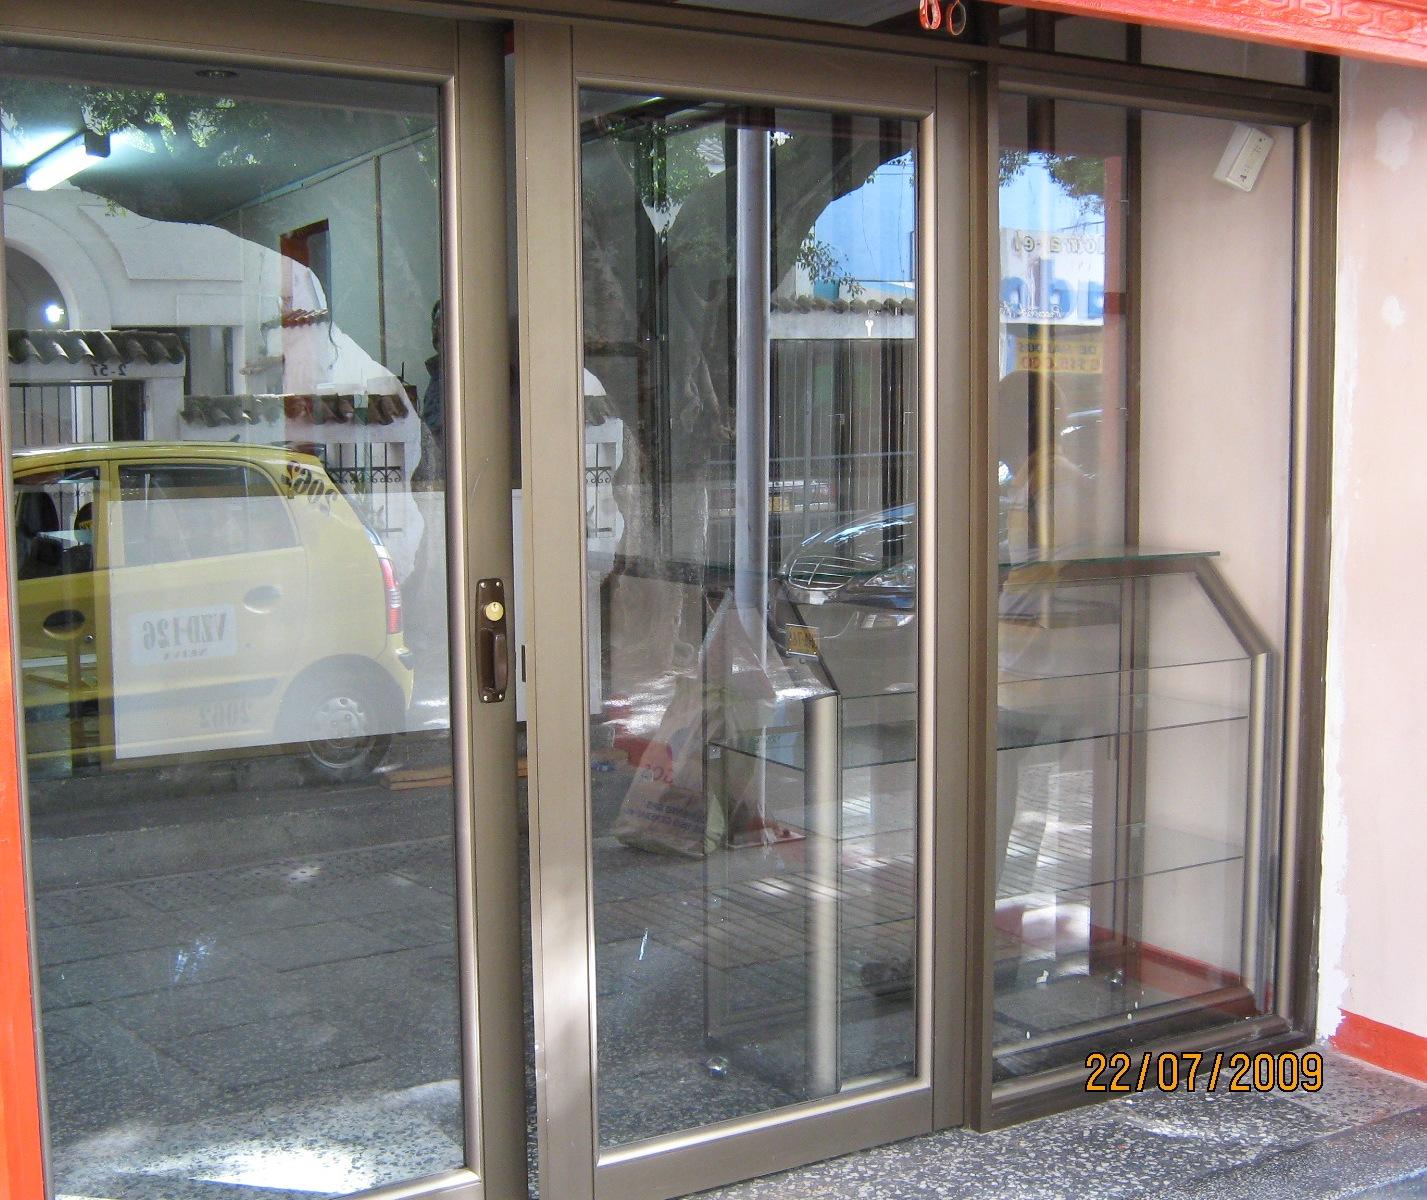 Aluminio y espacios del huila s a s aluminios y espacios - Cocina aluminio ...